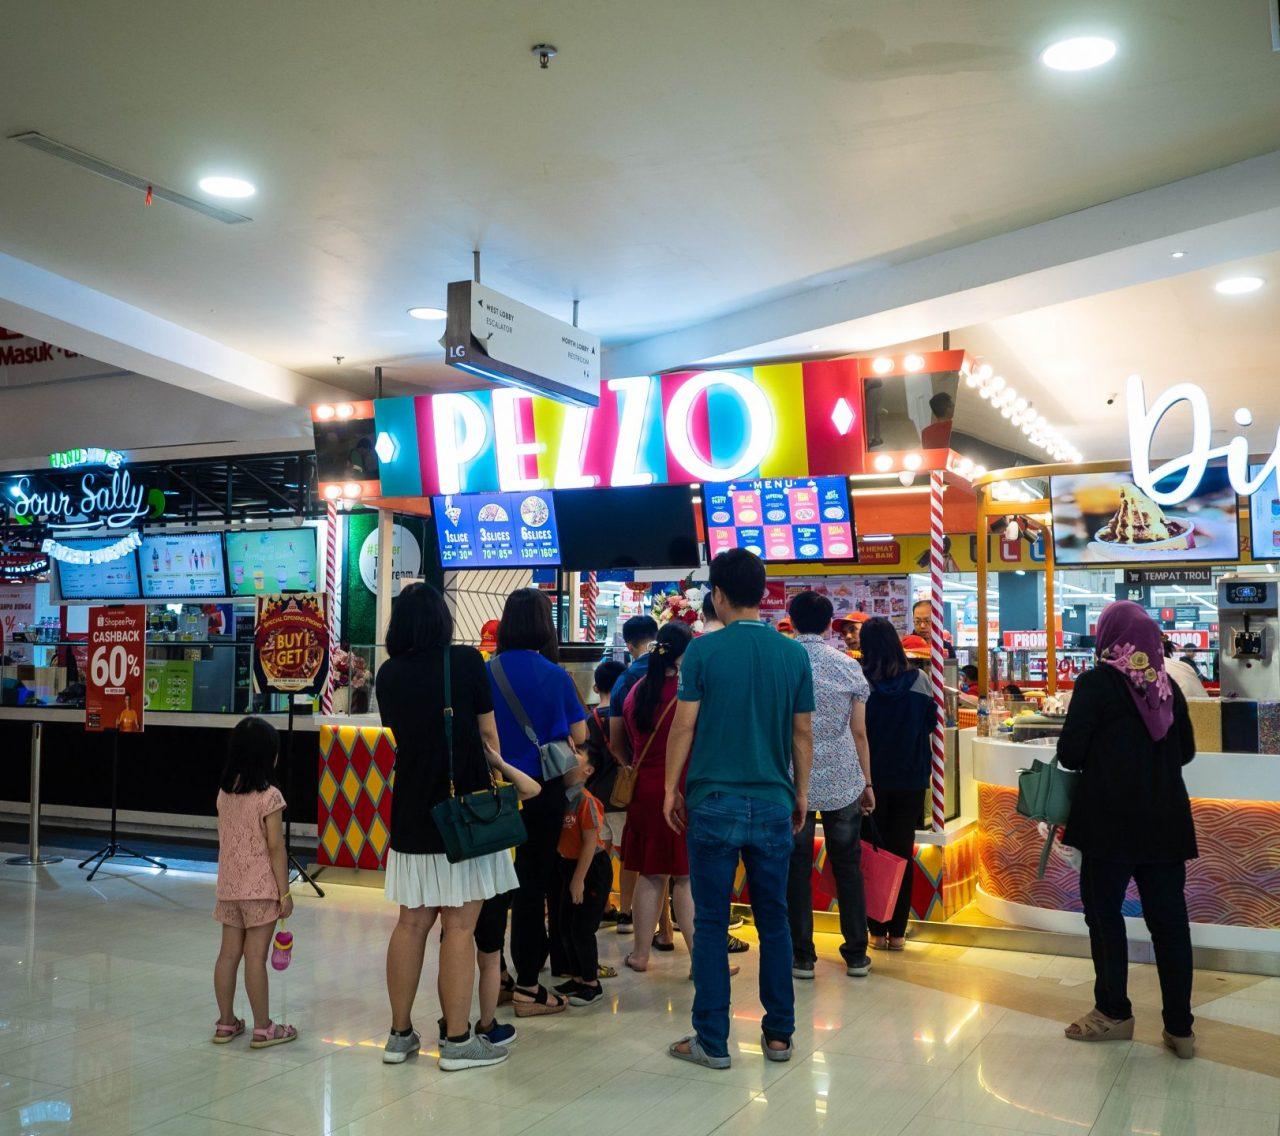 Dari Singapore ke Medan, Pezzo Pizza Utamakan Kecepatan Daripada Kelaparan 1